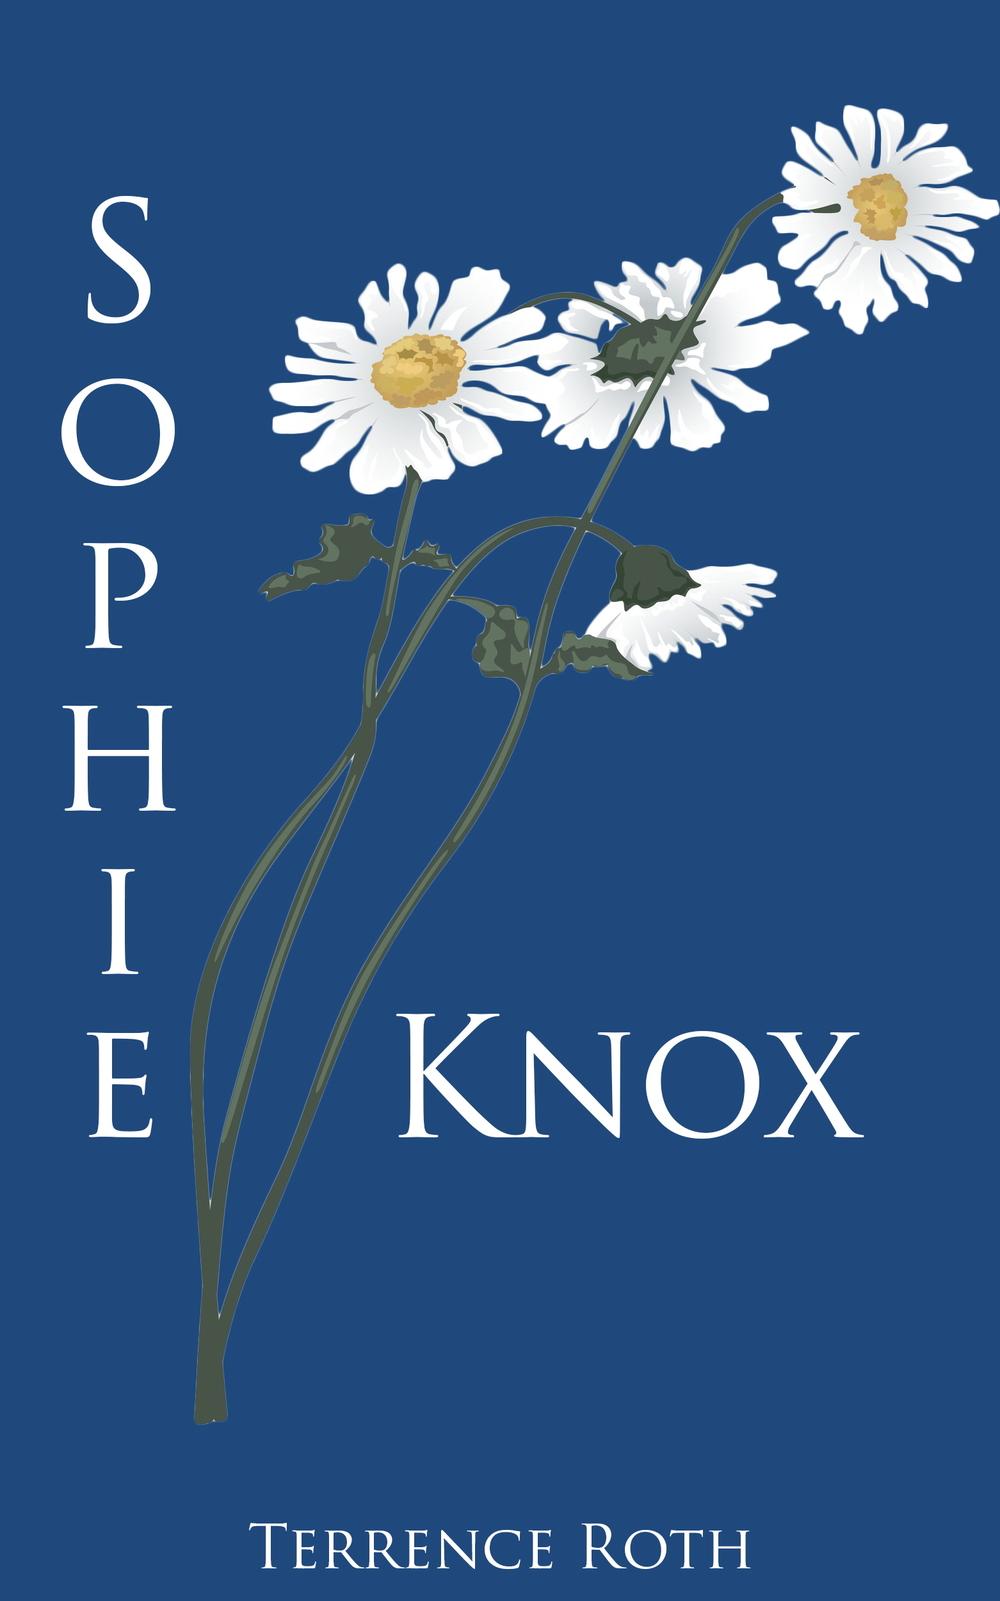 Sophie Knox JPEG.jpg